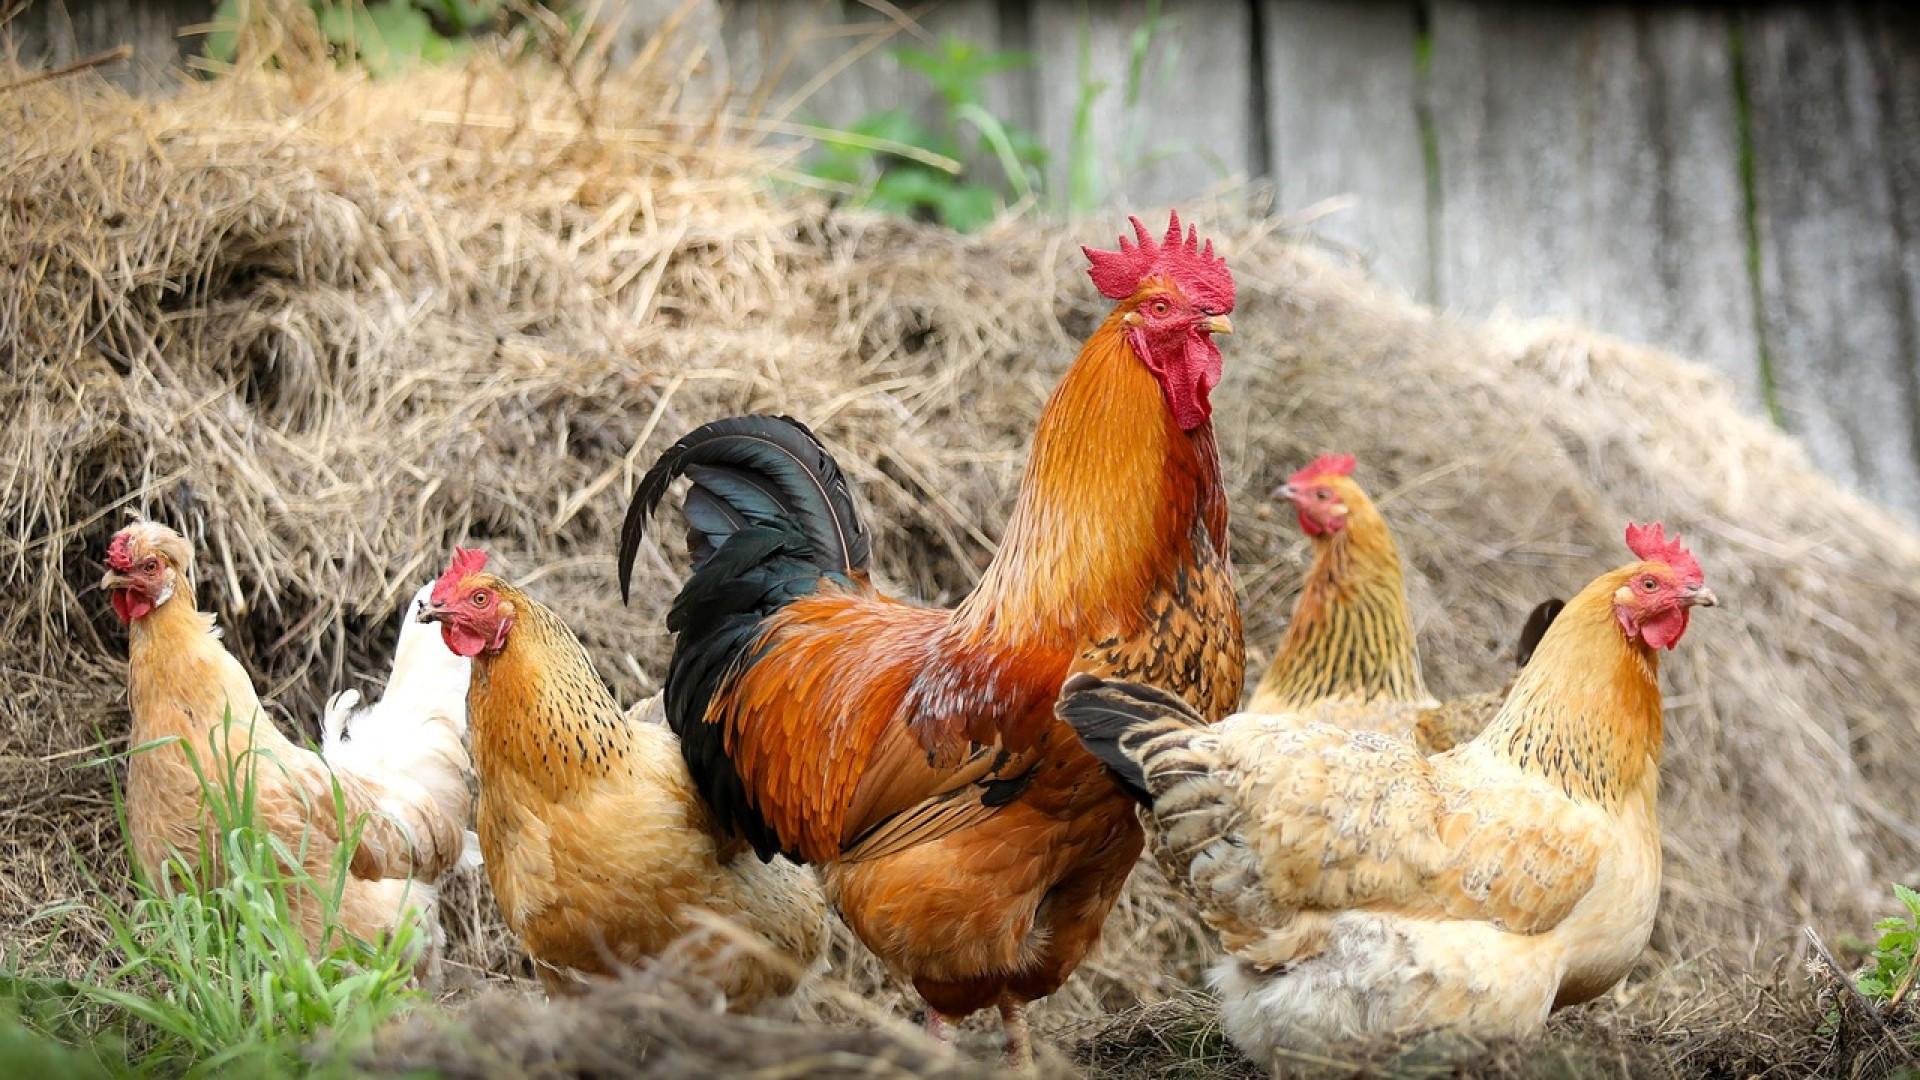 Chicken a wallpaper